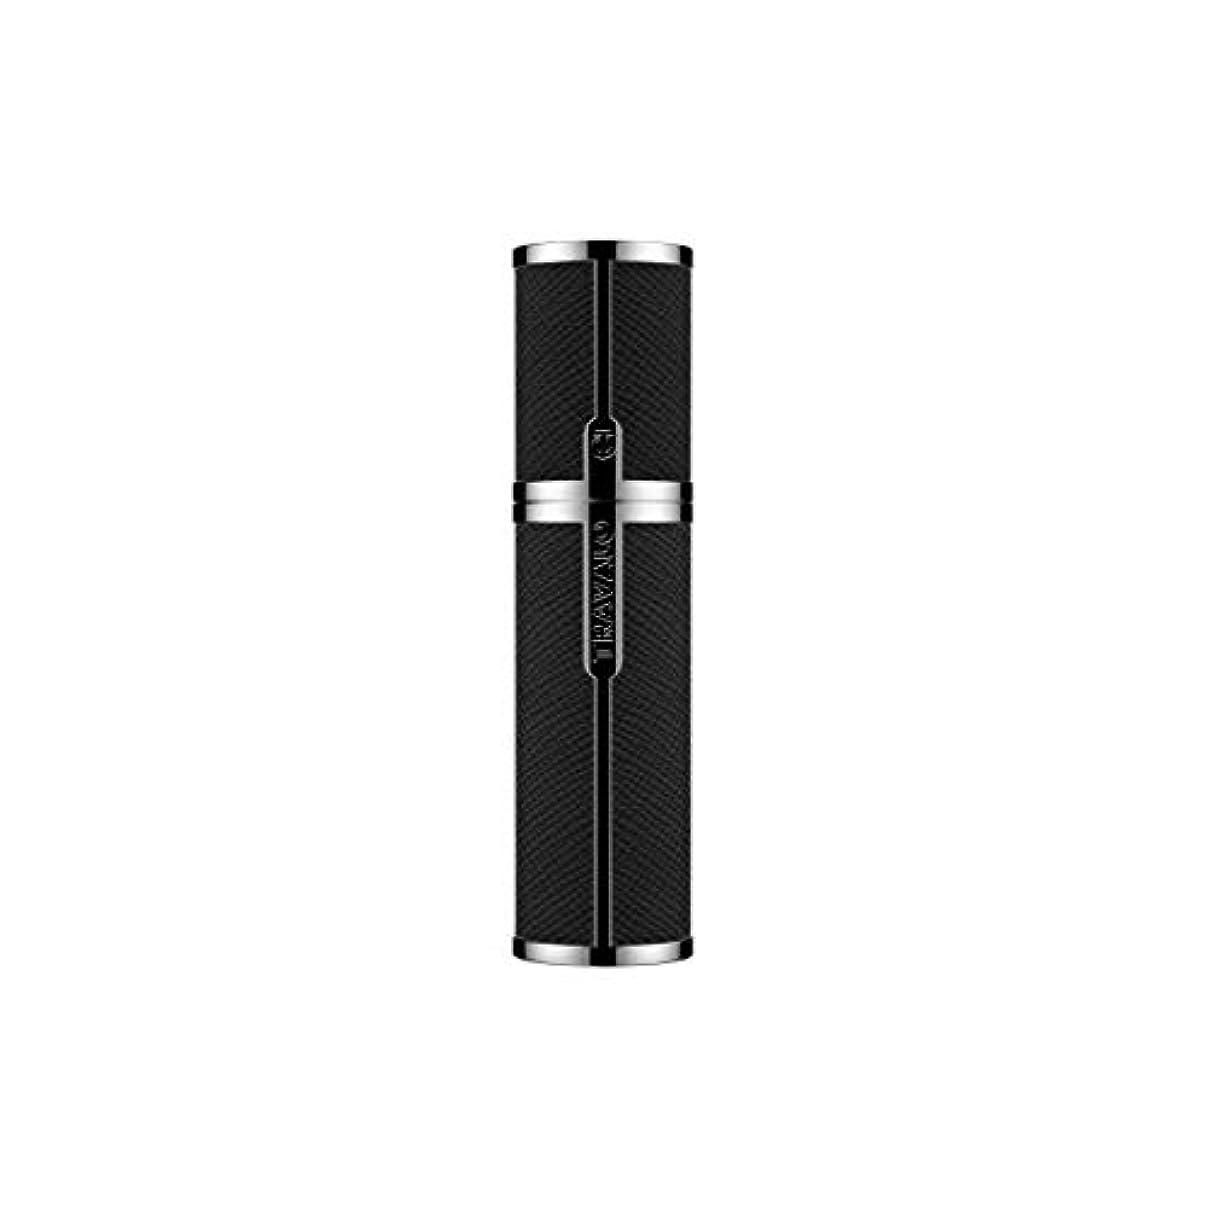 TRAVALO (トラヴァ―ロ) ミラノ アトマイザー ブラック 香水 旅行 携帯 詰め替え ボトル 簡単 香水スプレー